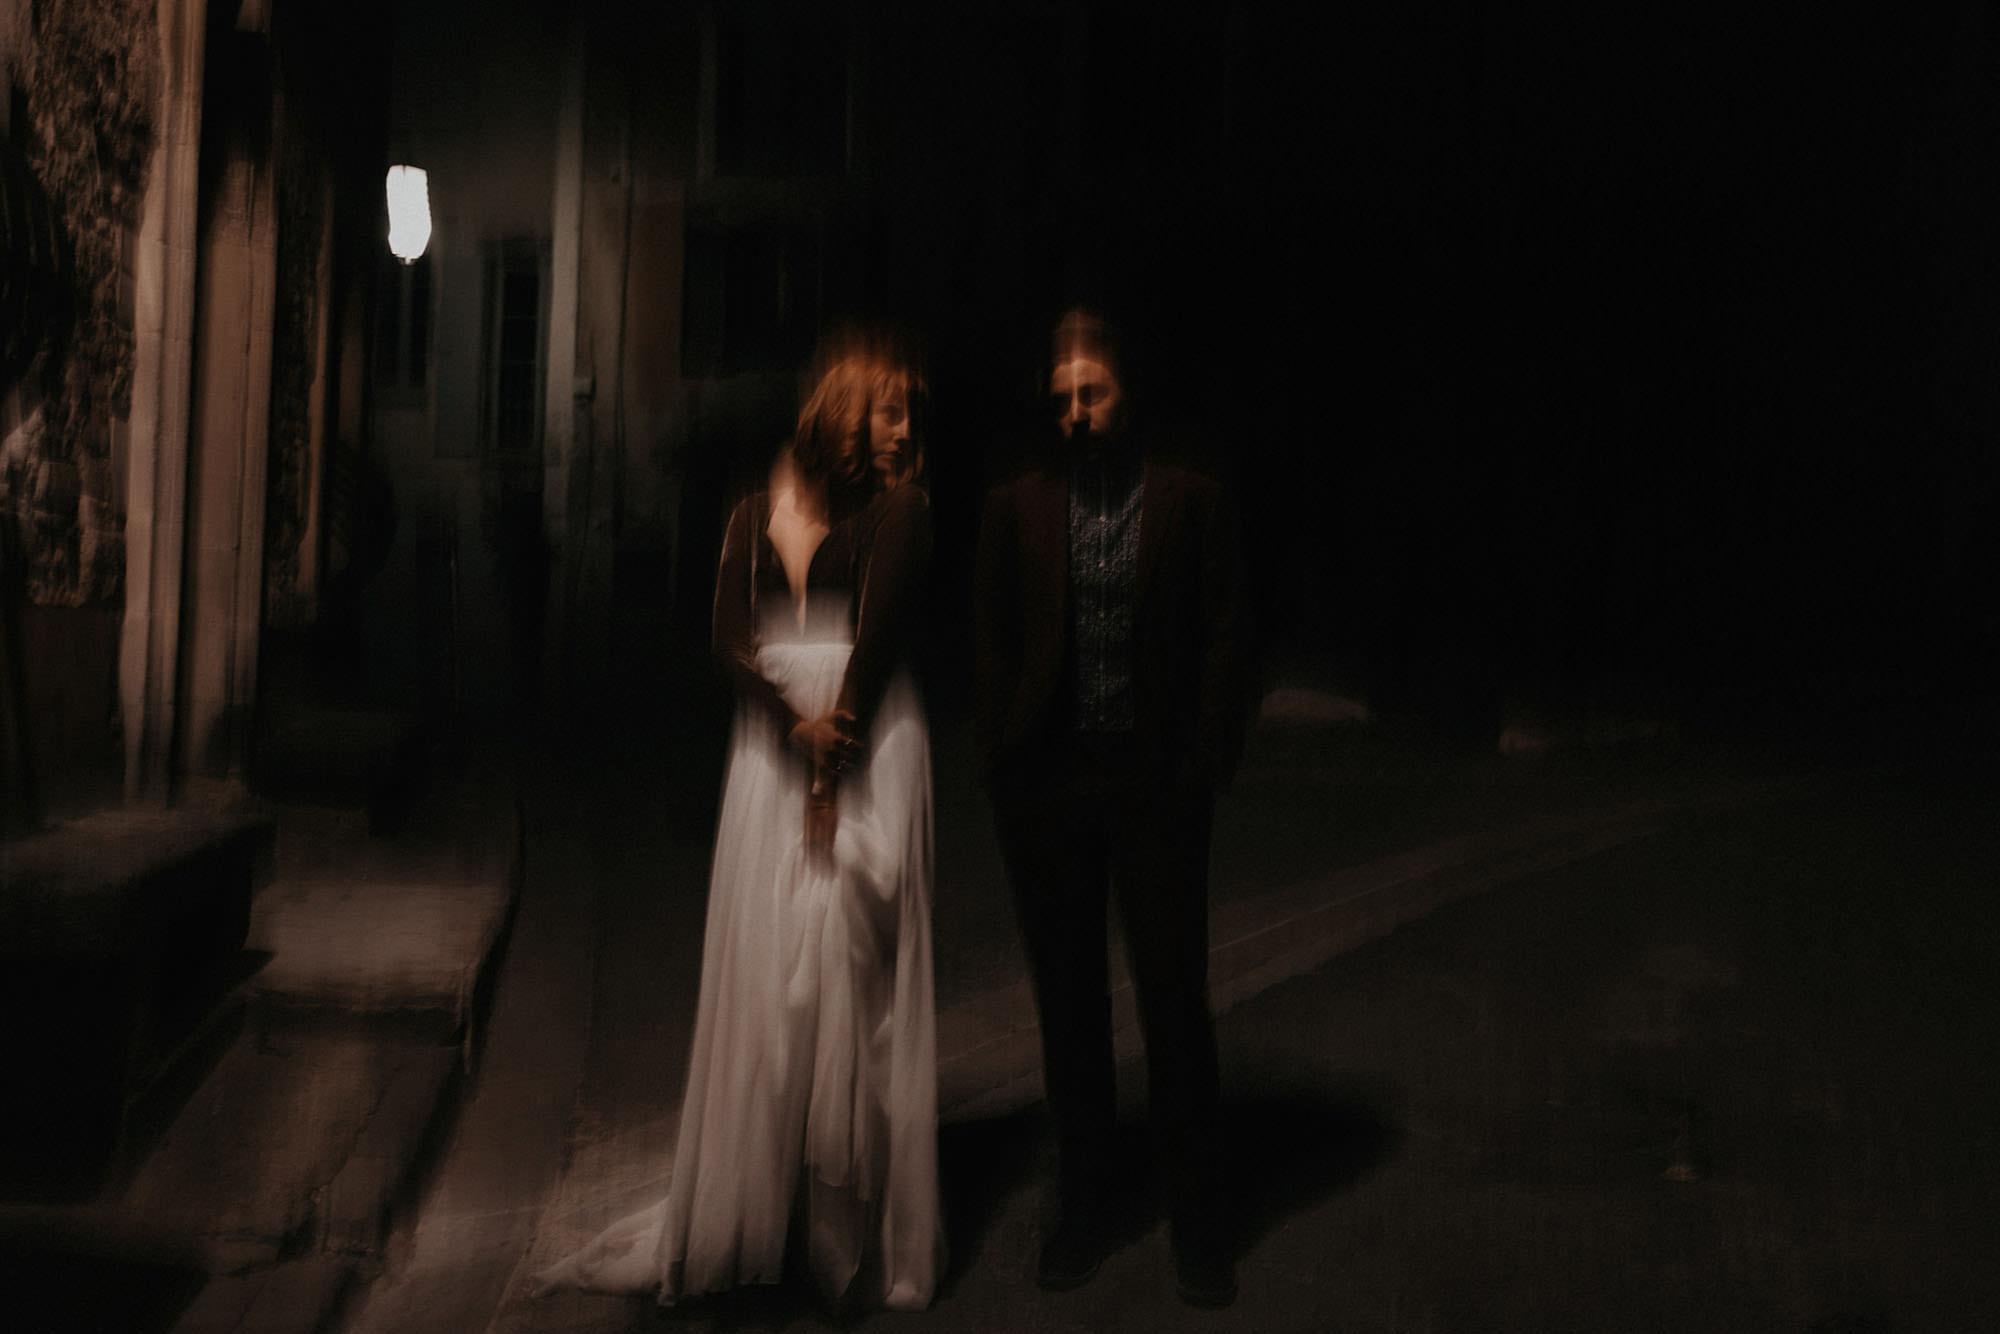 goult provence france elopement vow renewal couple street portrait photo